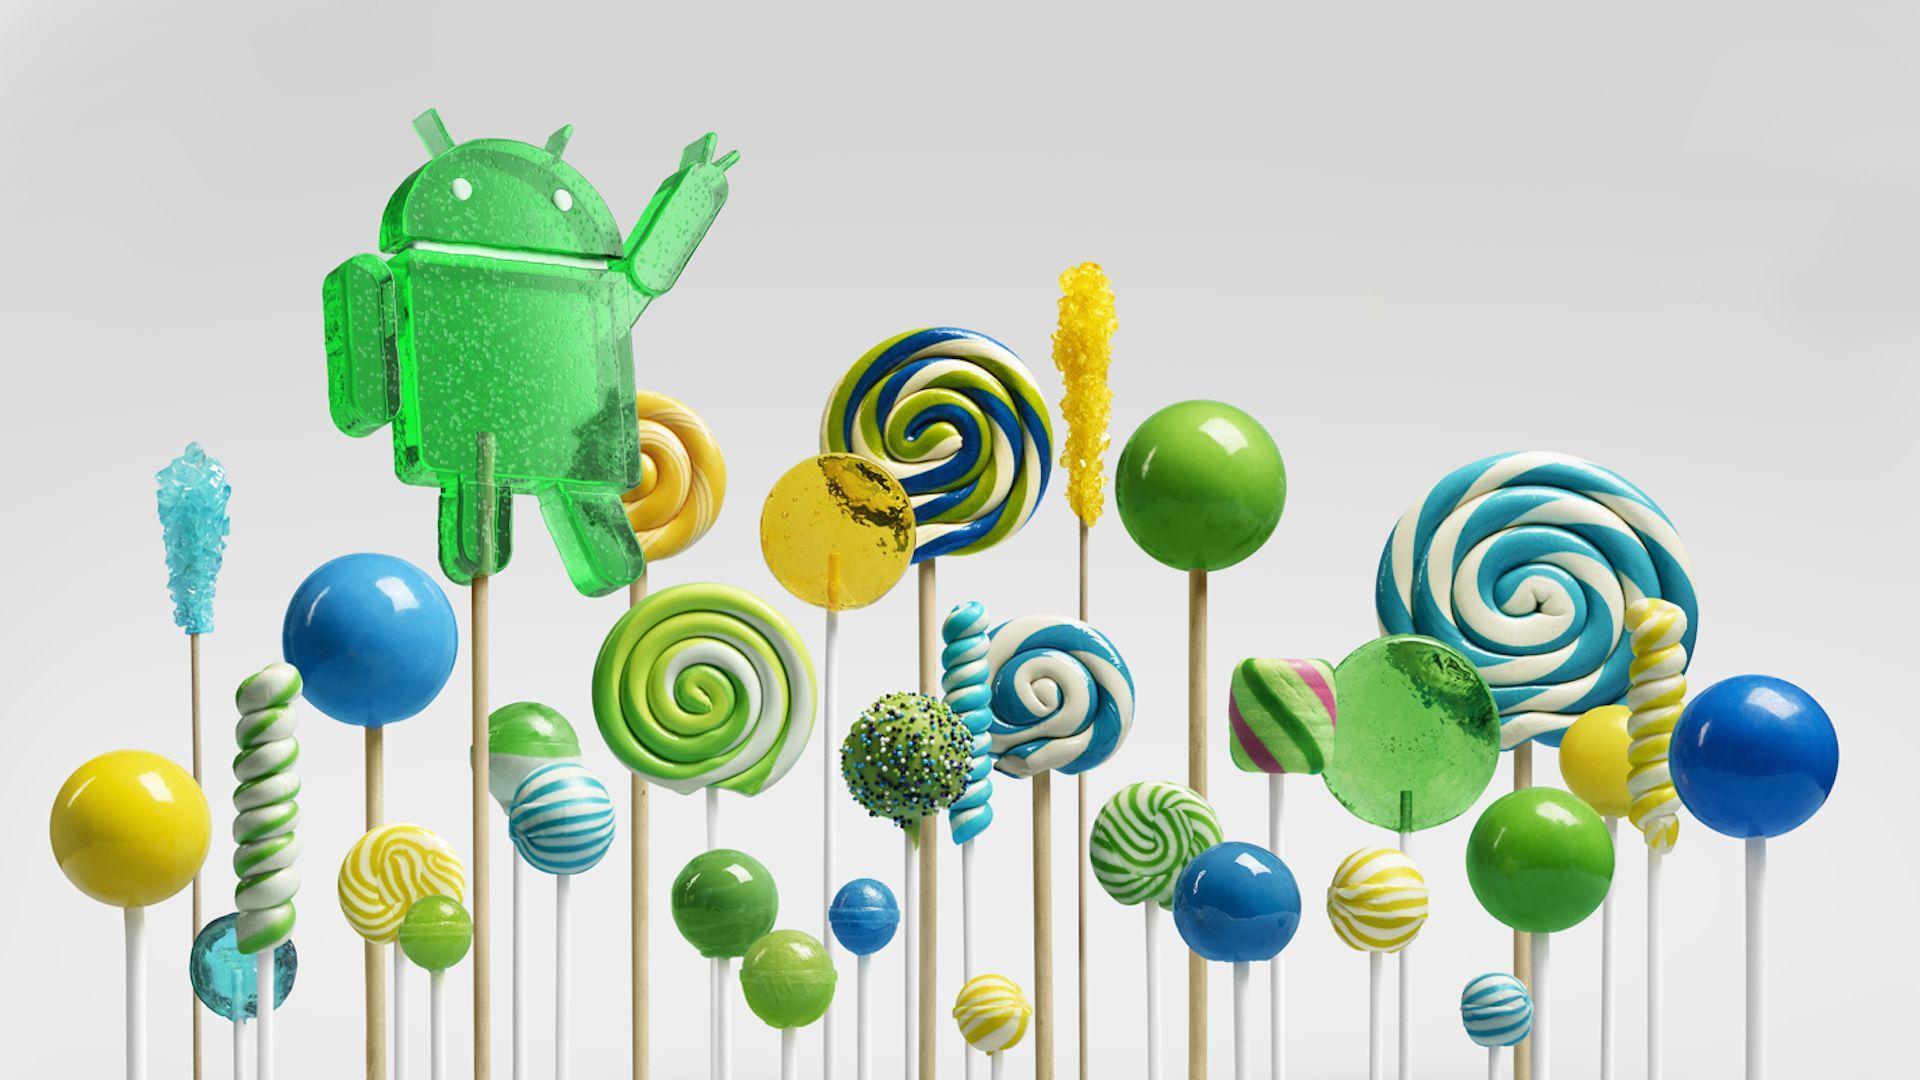 Cute Lollipop Wallpapers Top Free Cute Lollipop